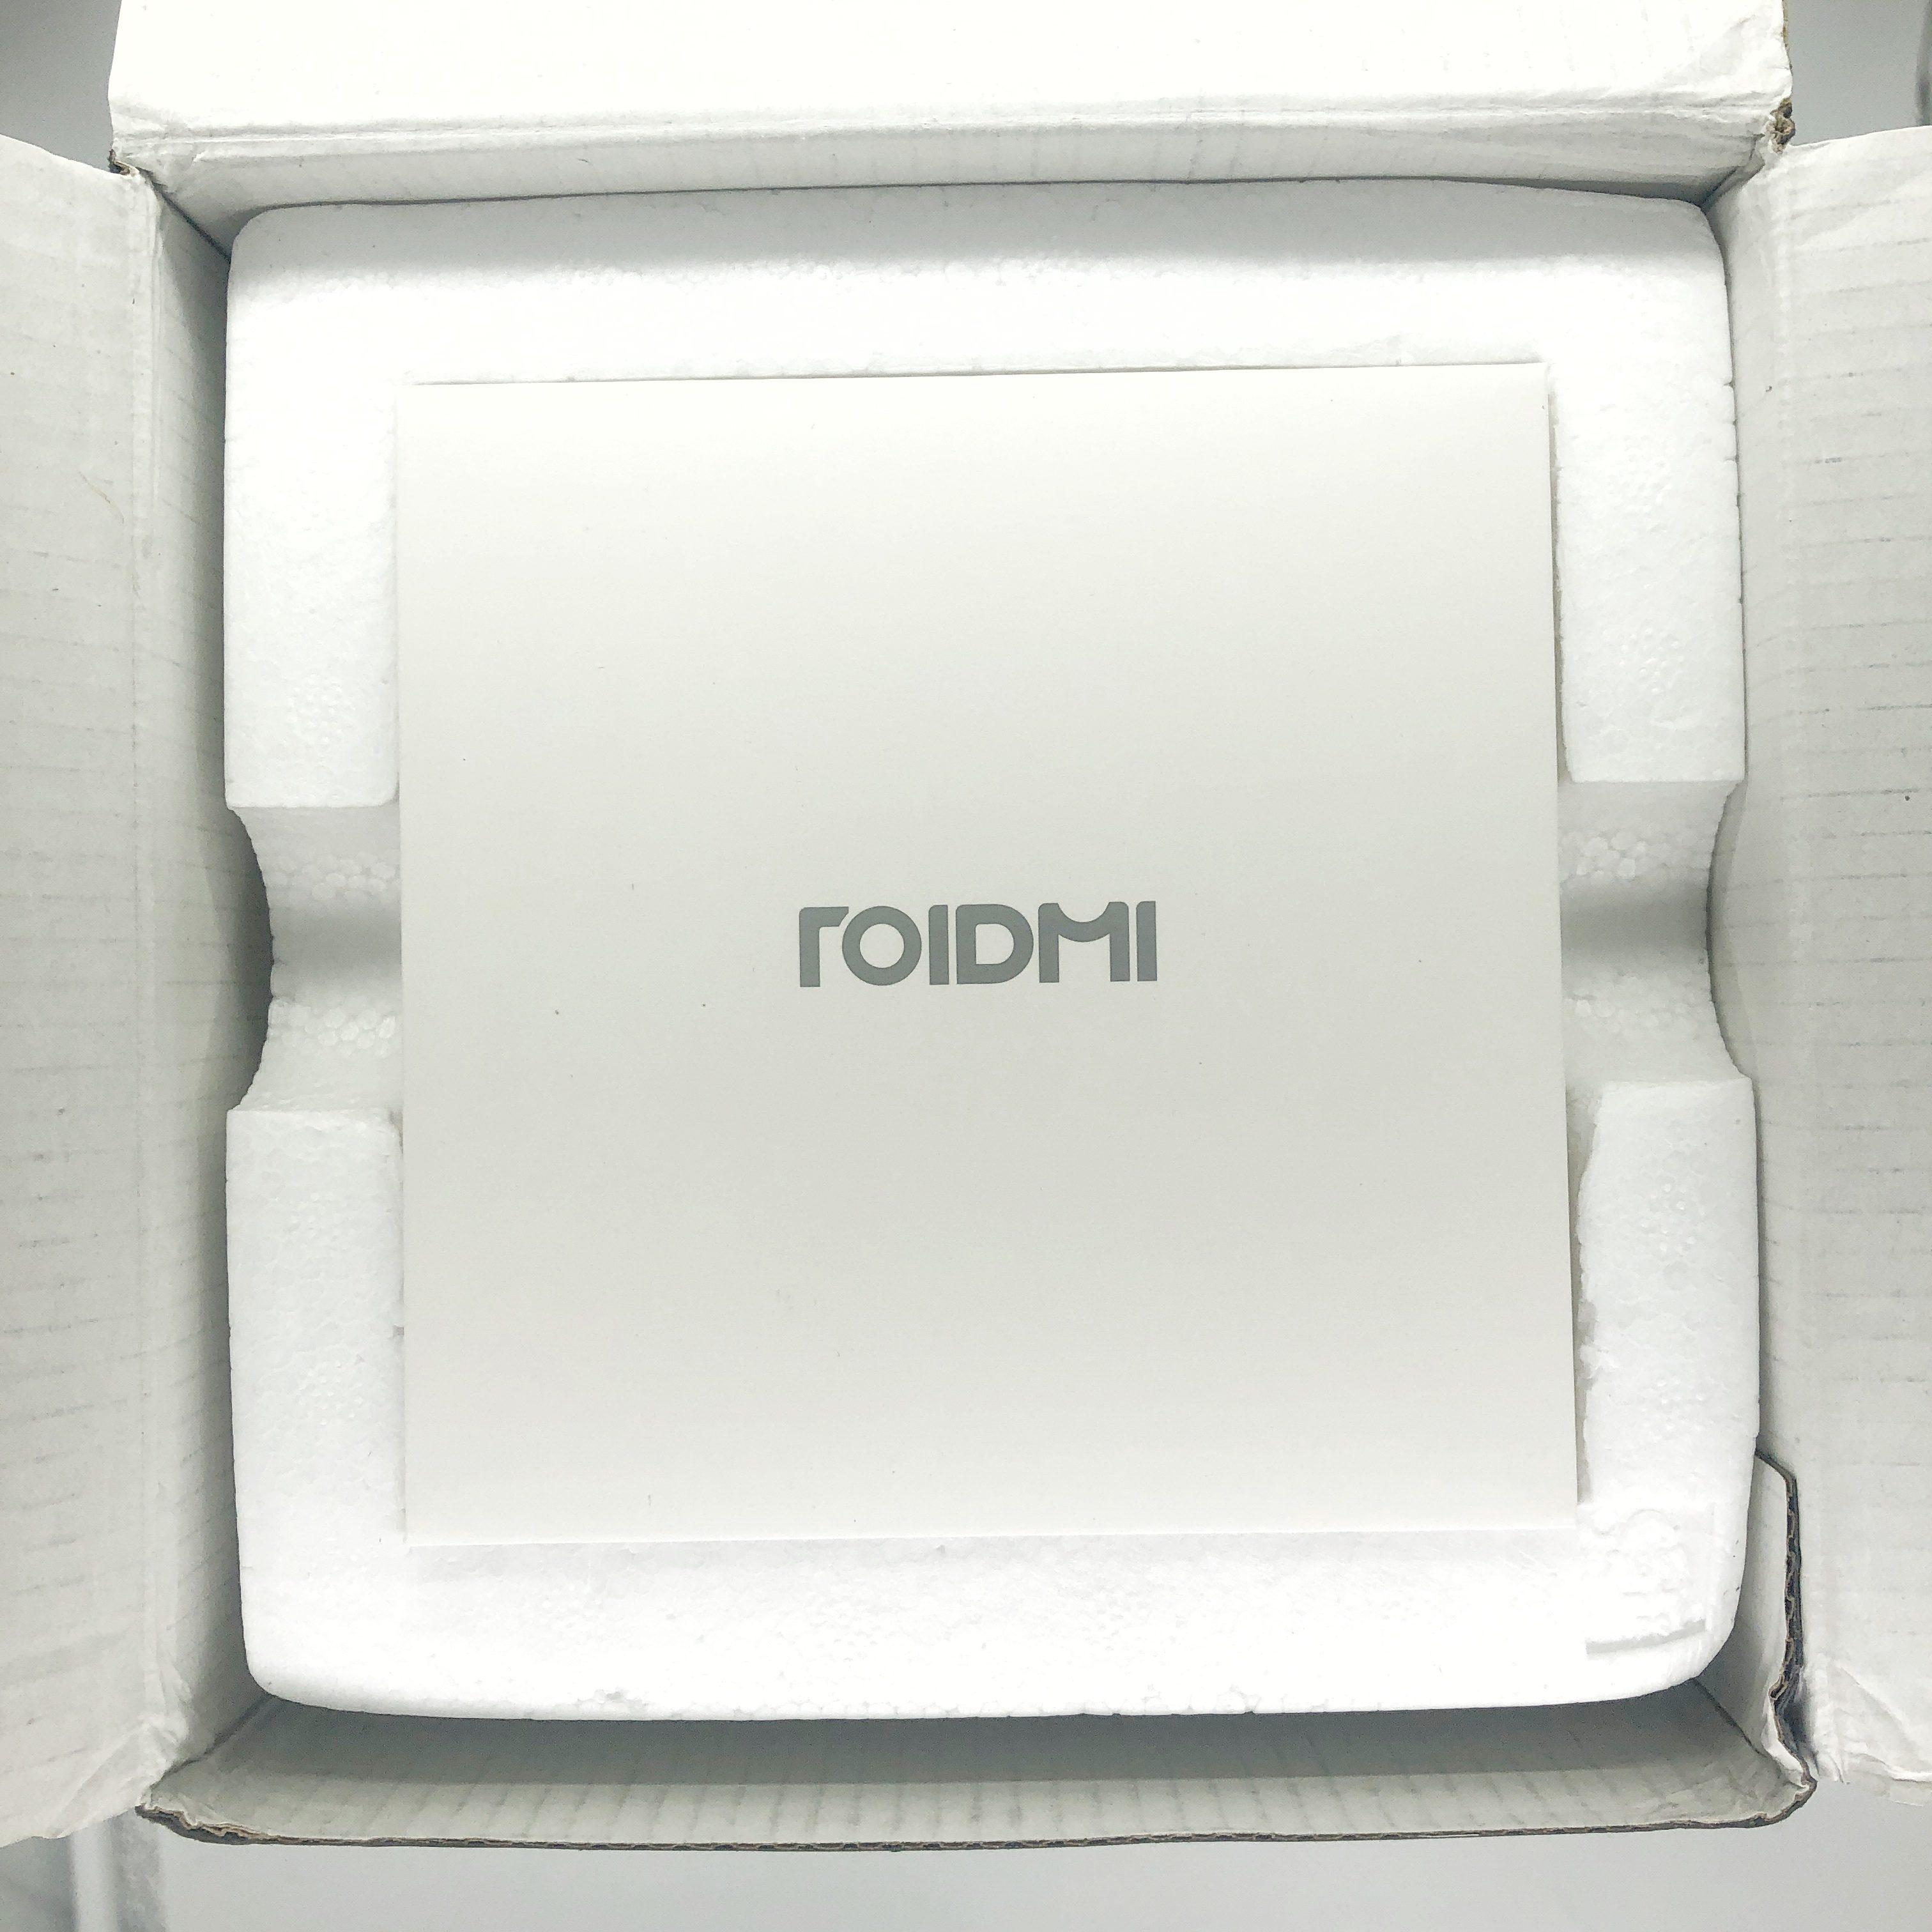 Xiaomi Roidmi Car Purifier OLED [rozpakowanie]